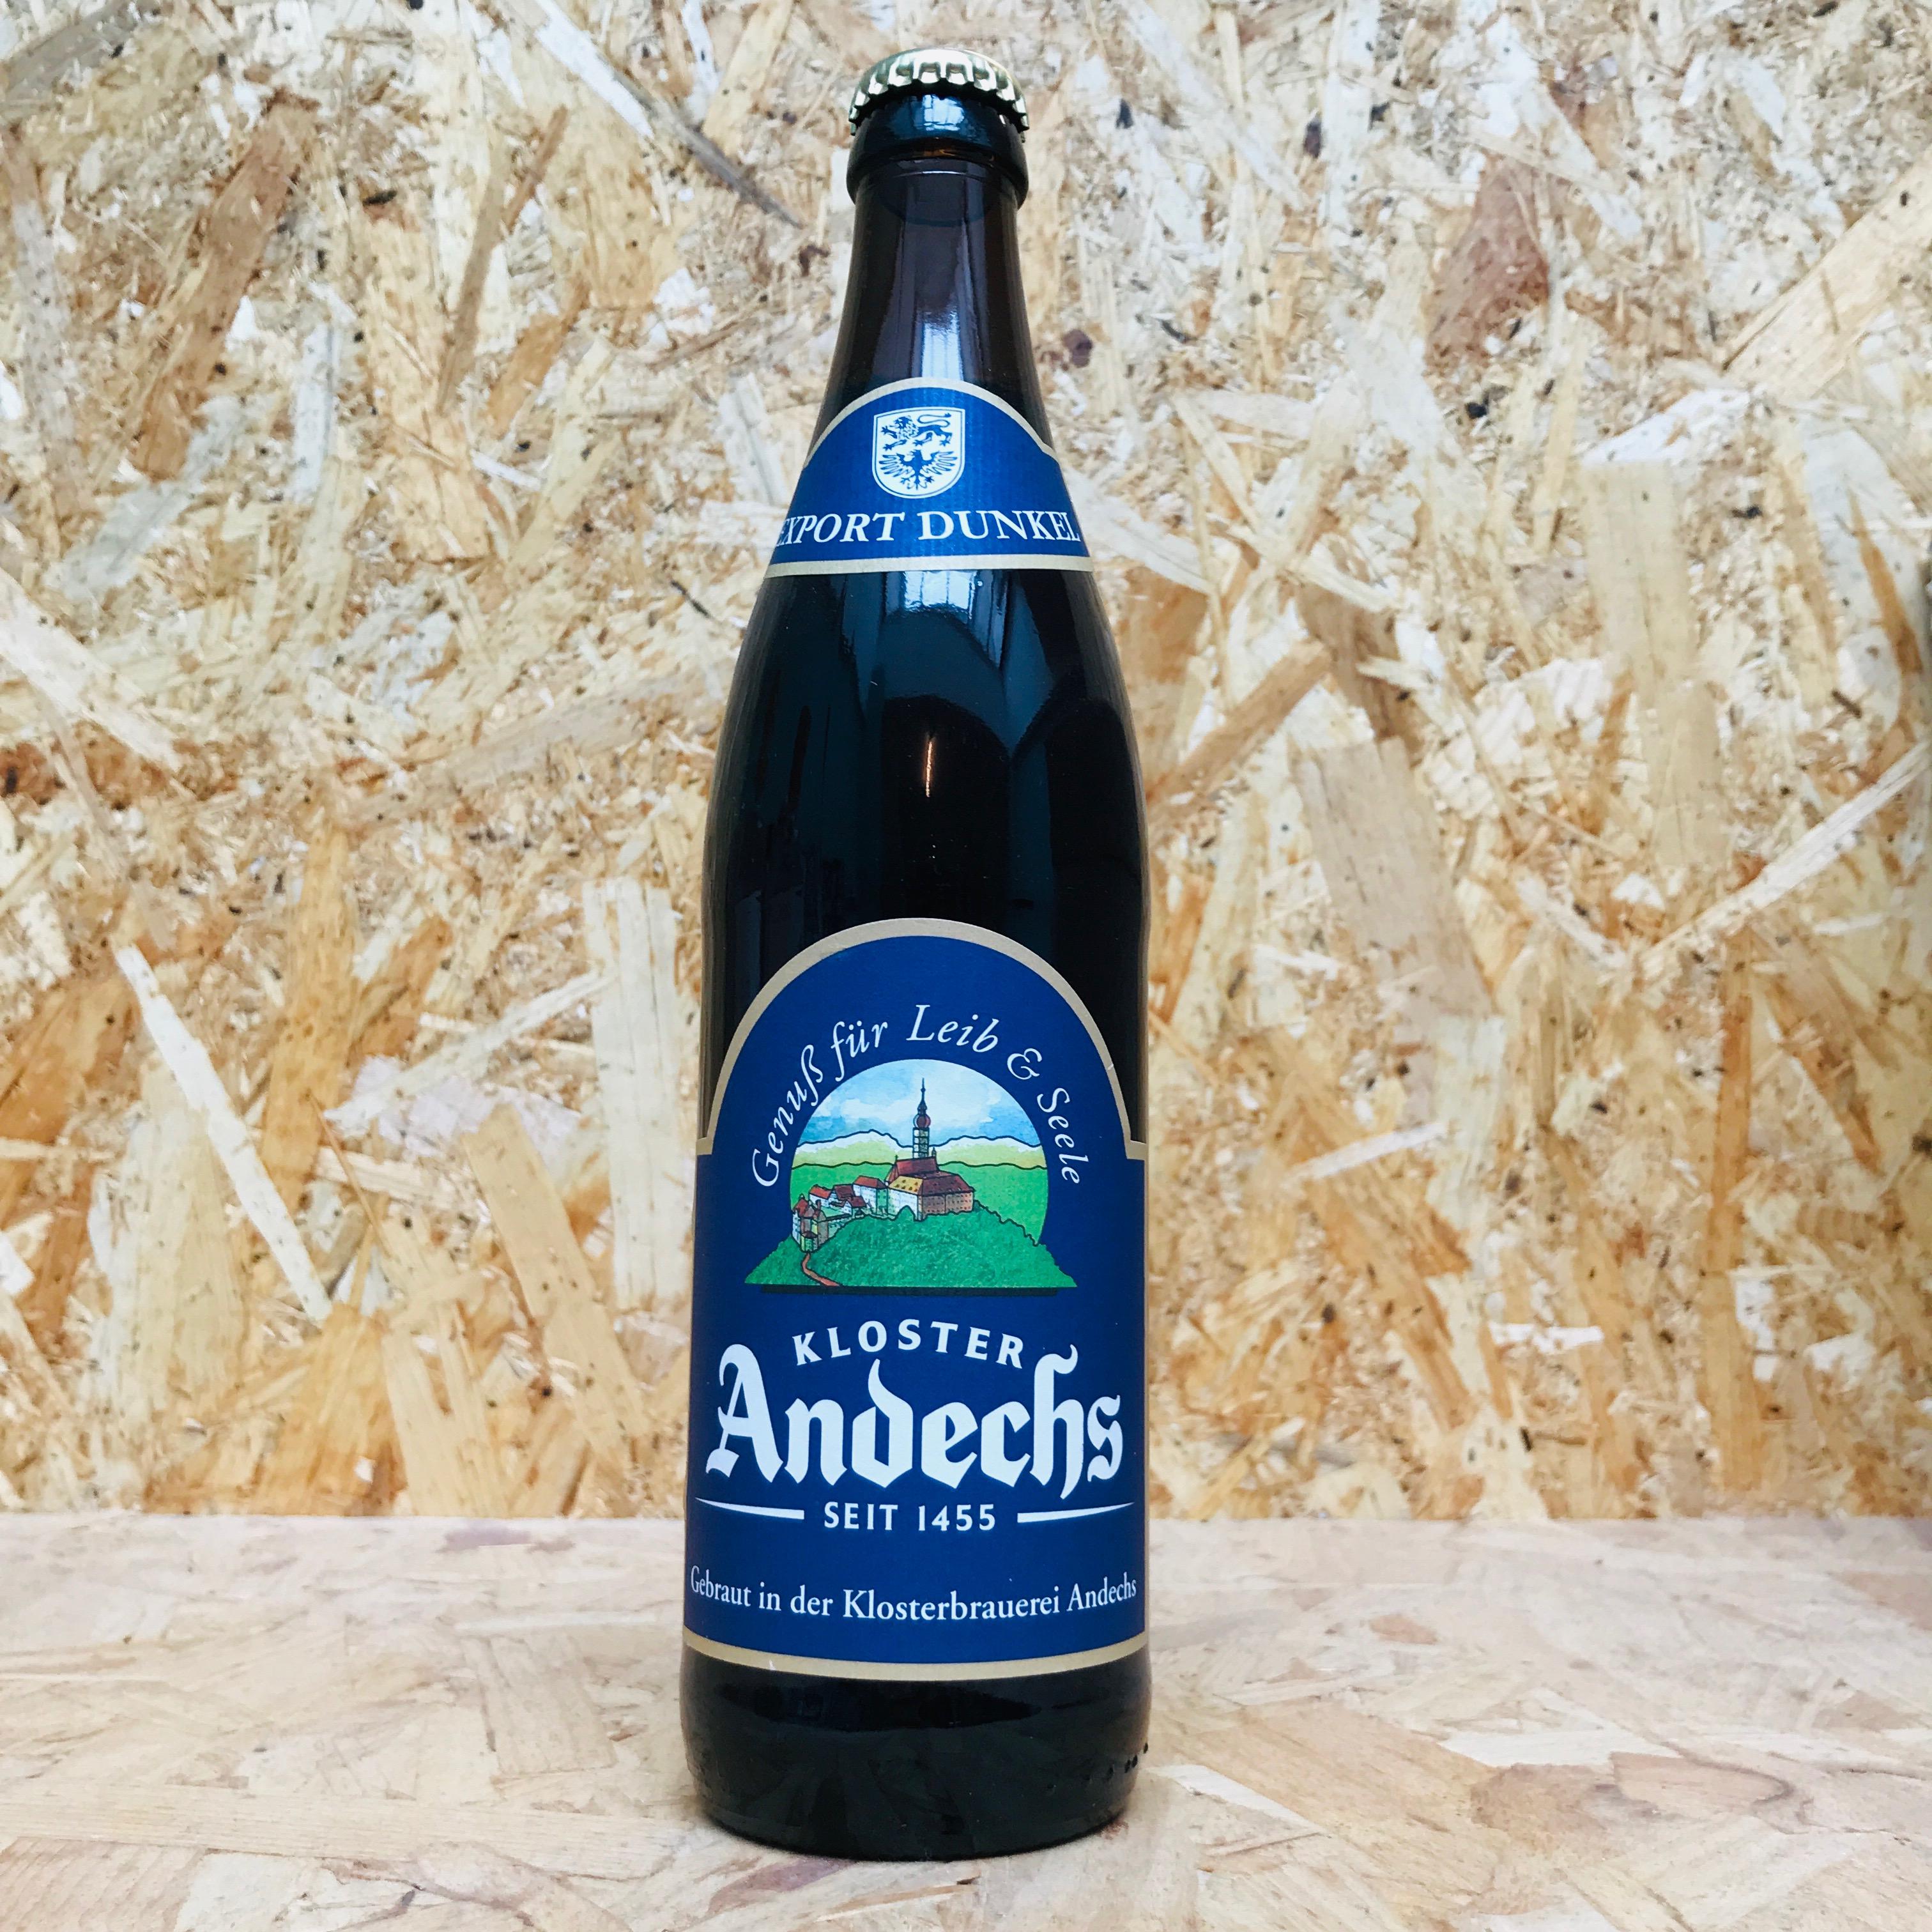 Andechs - Export Dunkel